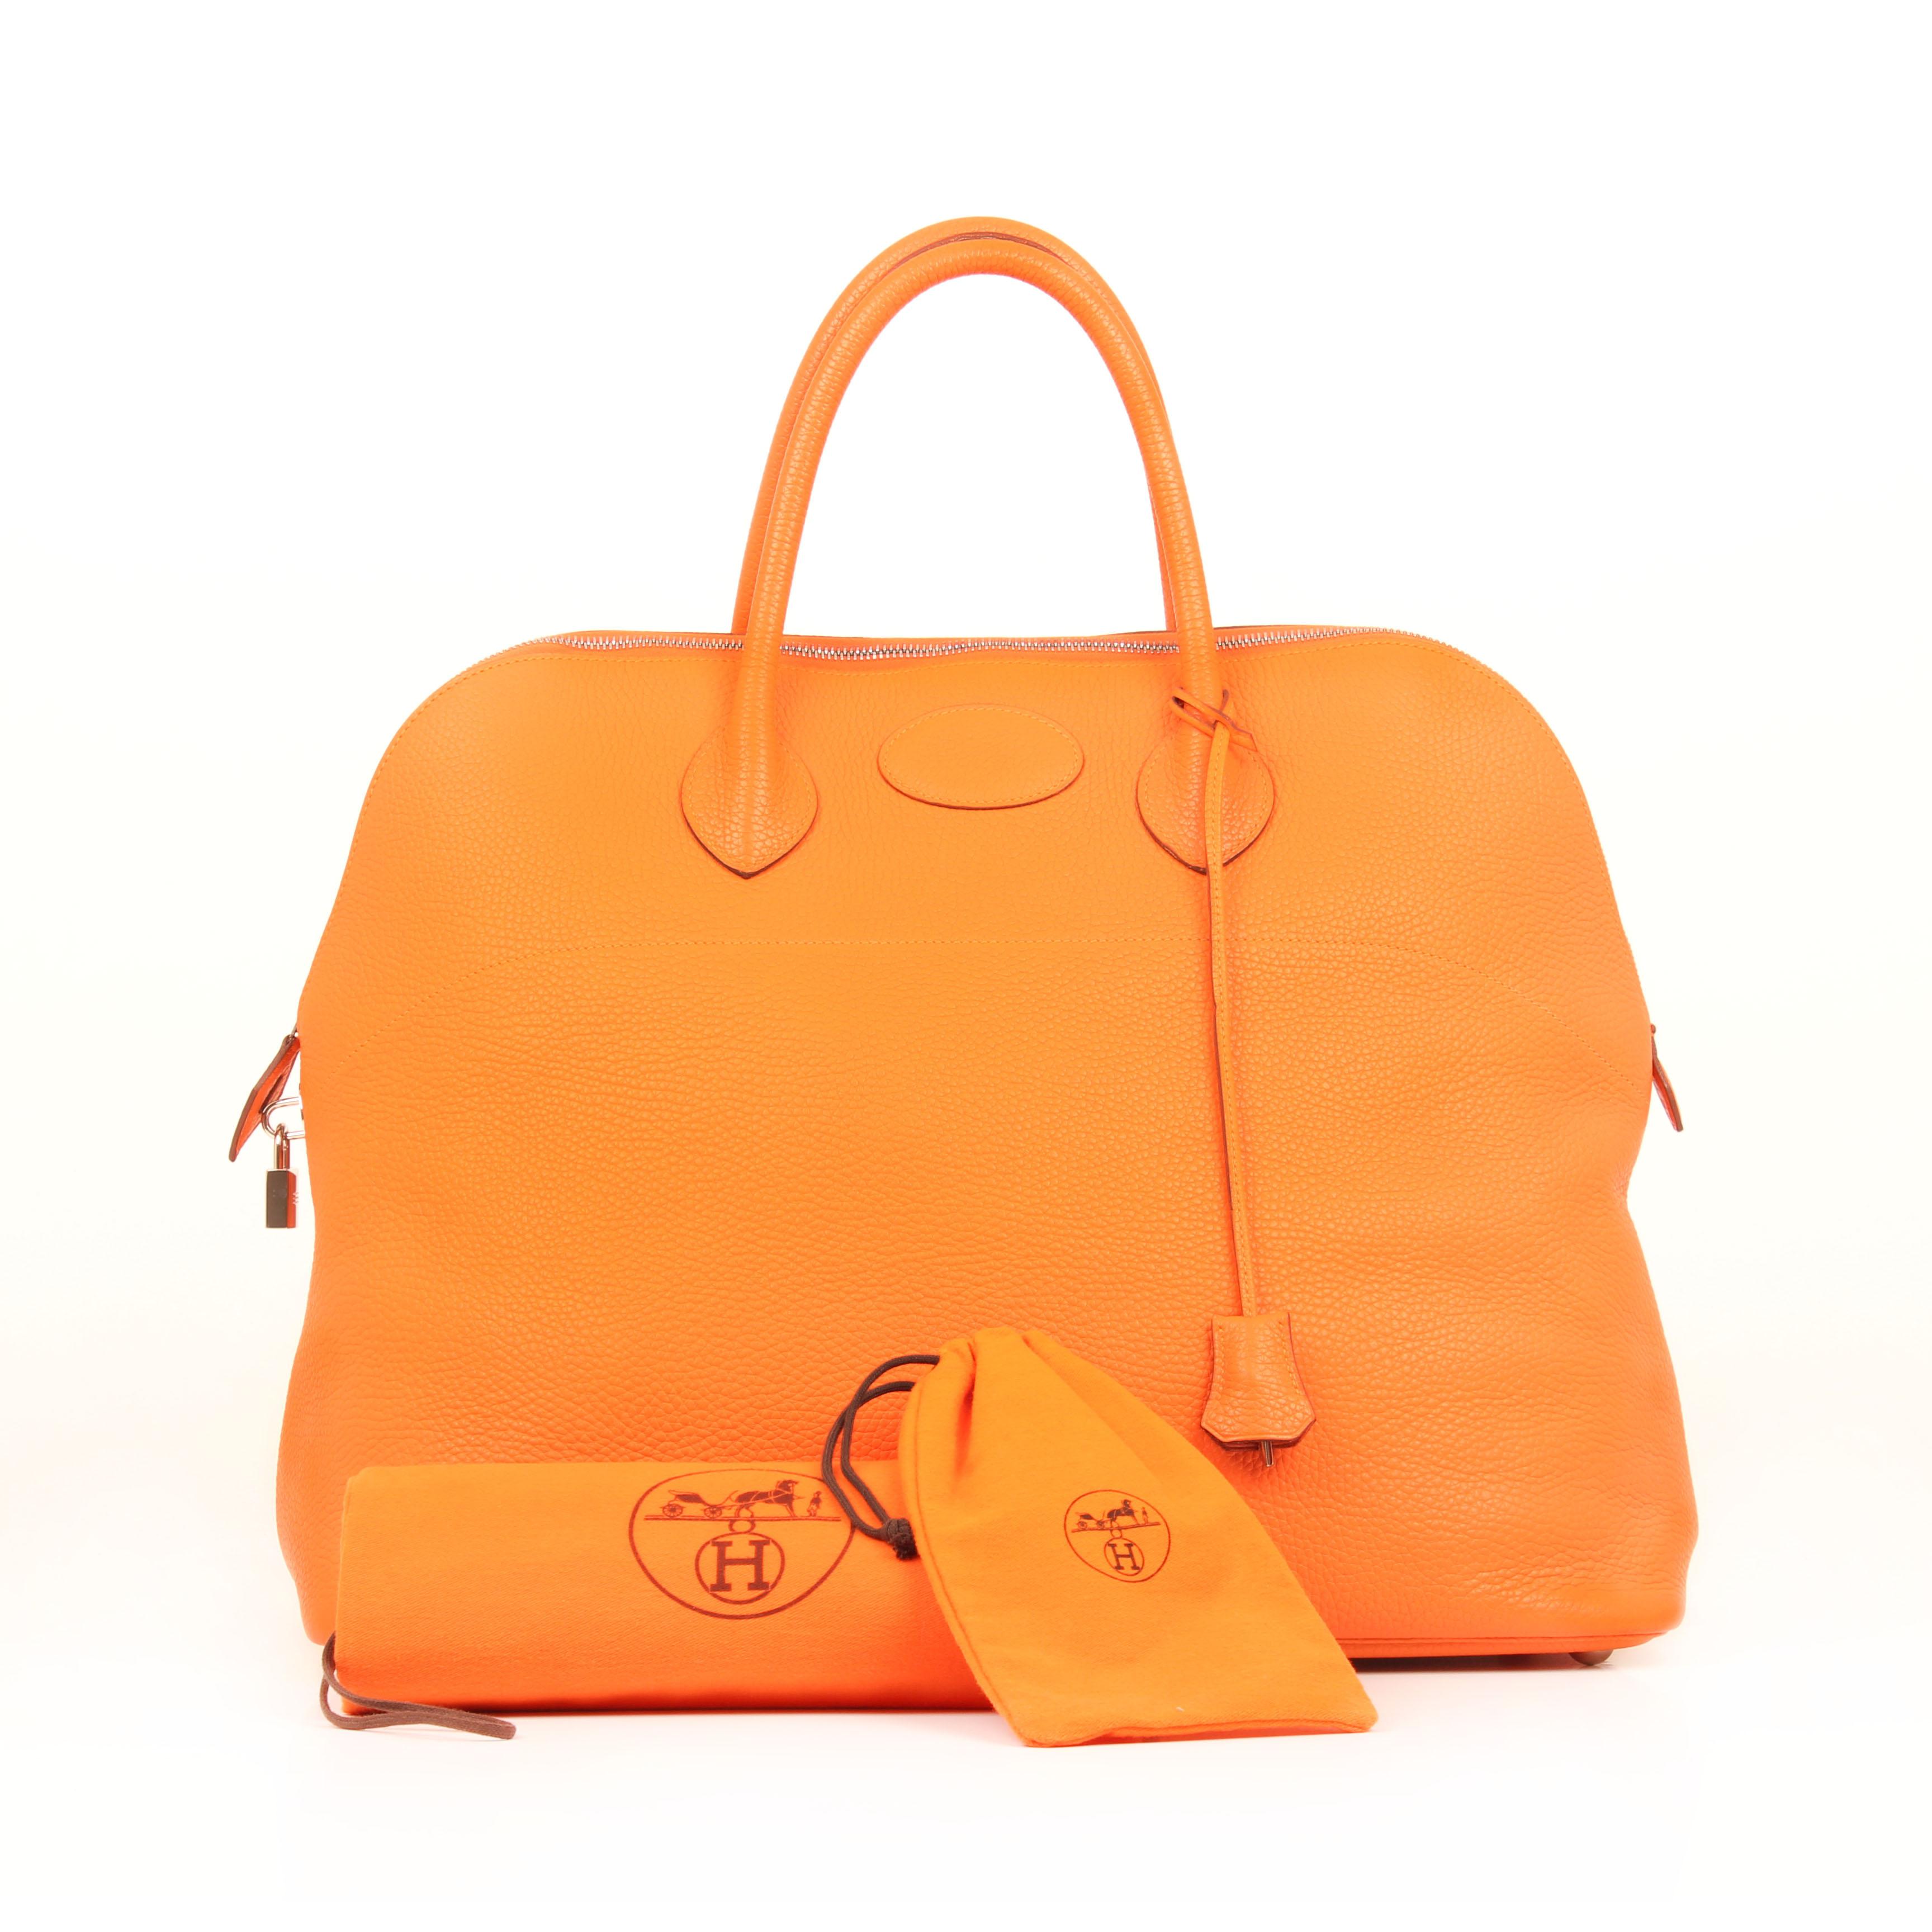 bolsa de viaje hermes bolide 45 piel togo naranja frontal fundas